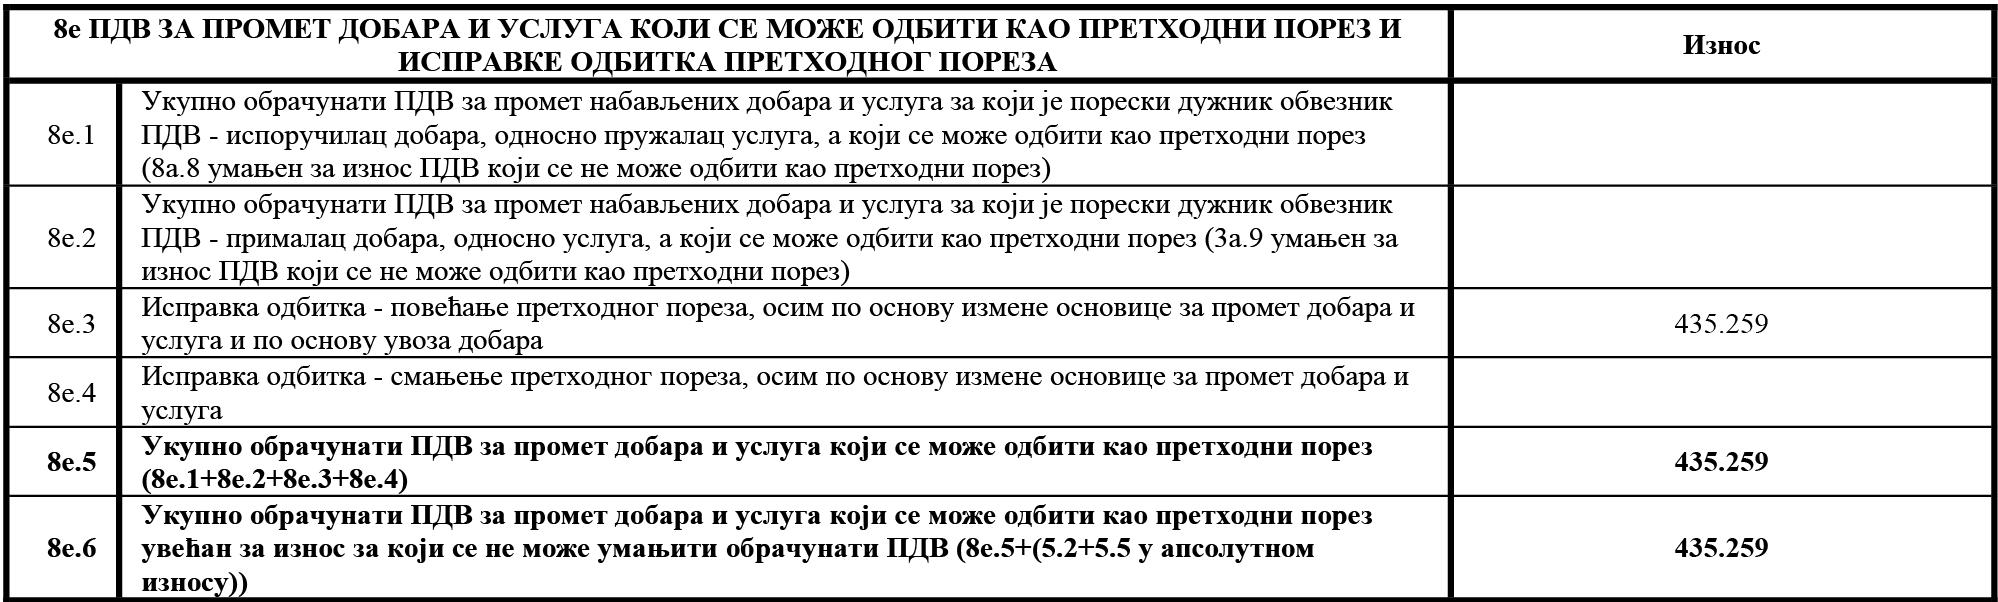 uputstvo PU obrazac POPDV primer 121